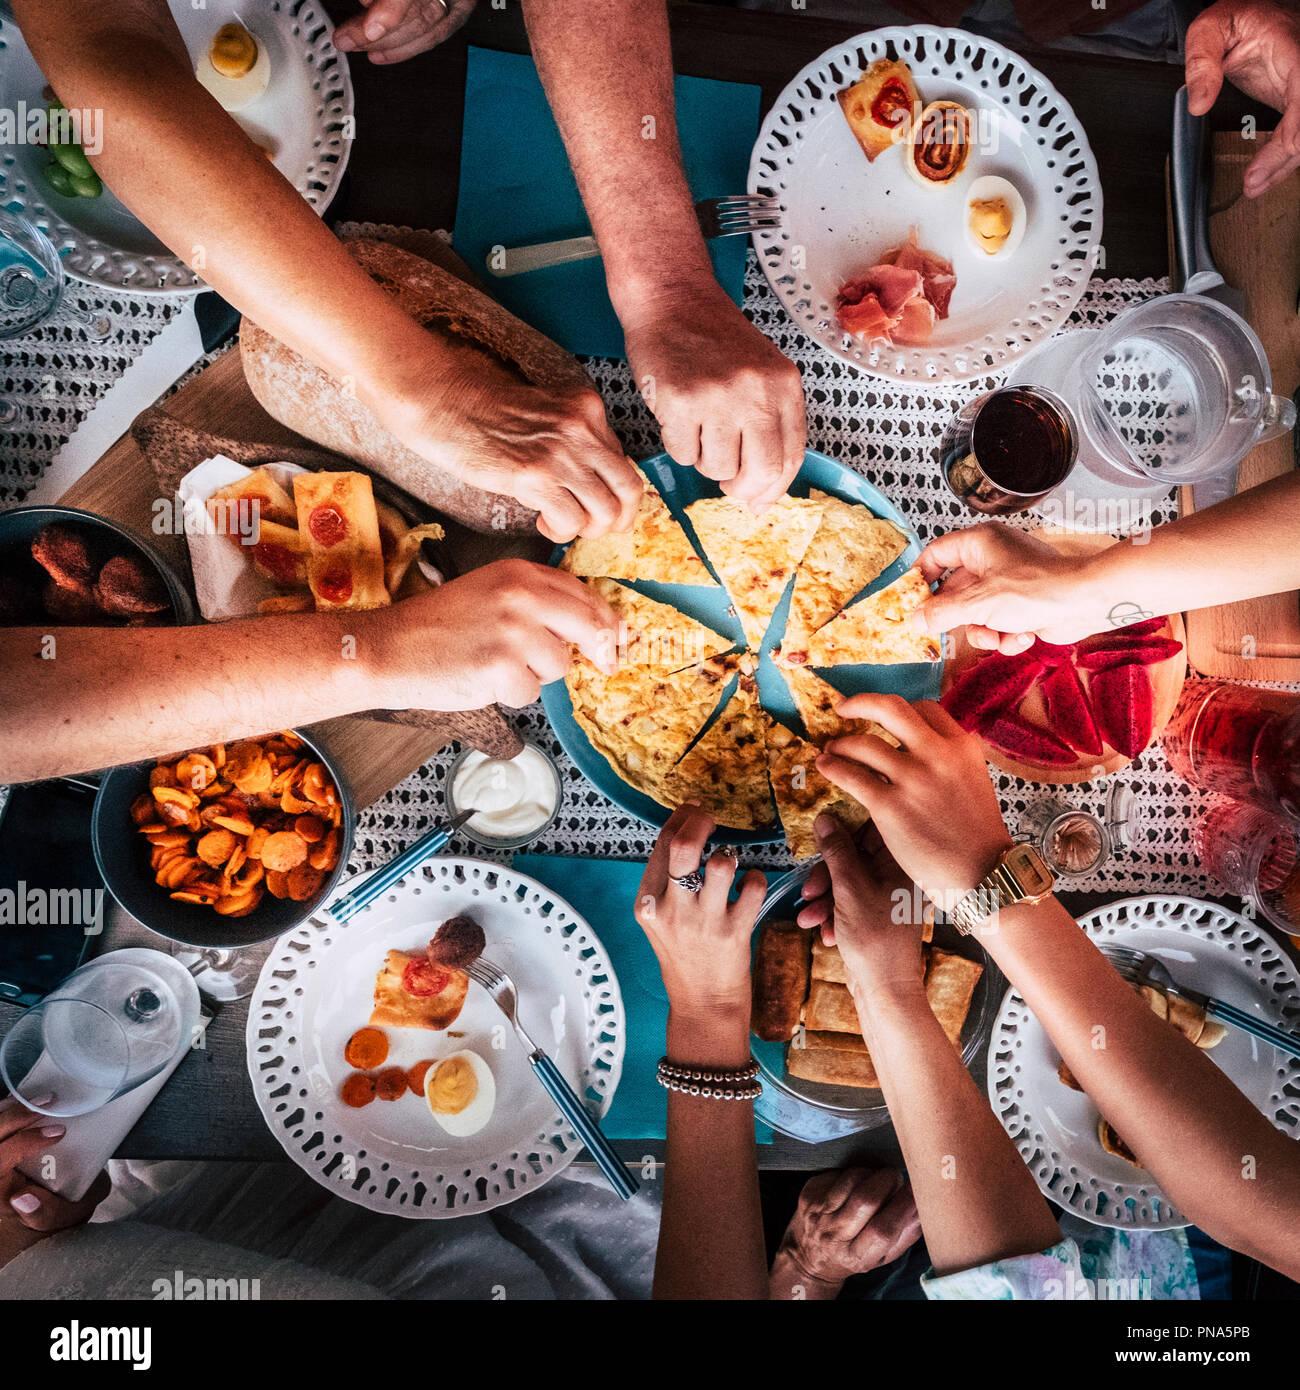 Vista aerea di cui sopra per la tavola e le mani e un sacco di cibo e bevande. La celebrazione e festa-evento Concetto di immagine. Tutte le mani prendendo dalla stessa pla Immagini Stock